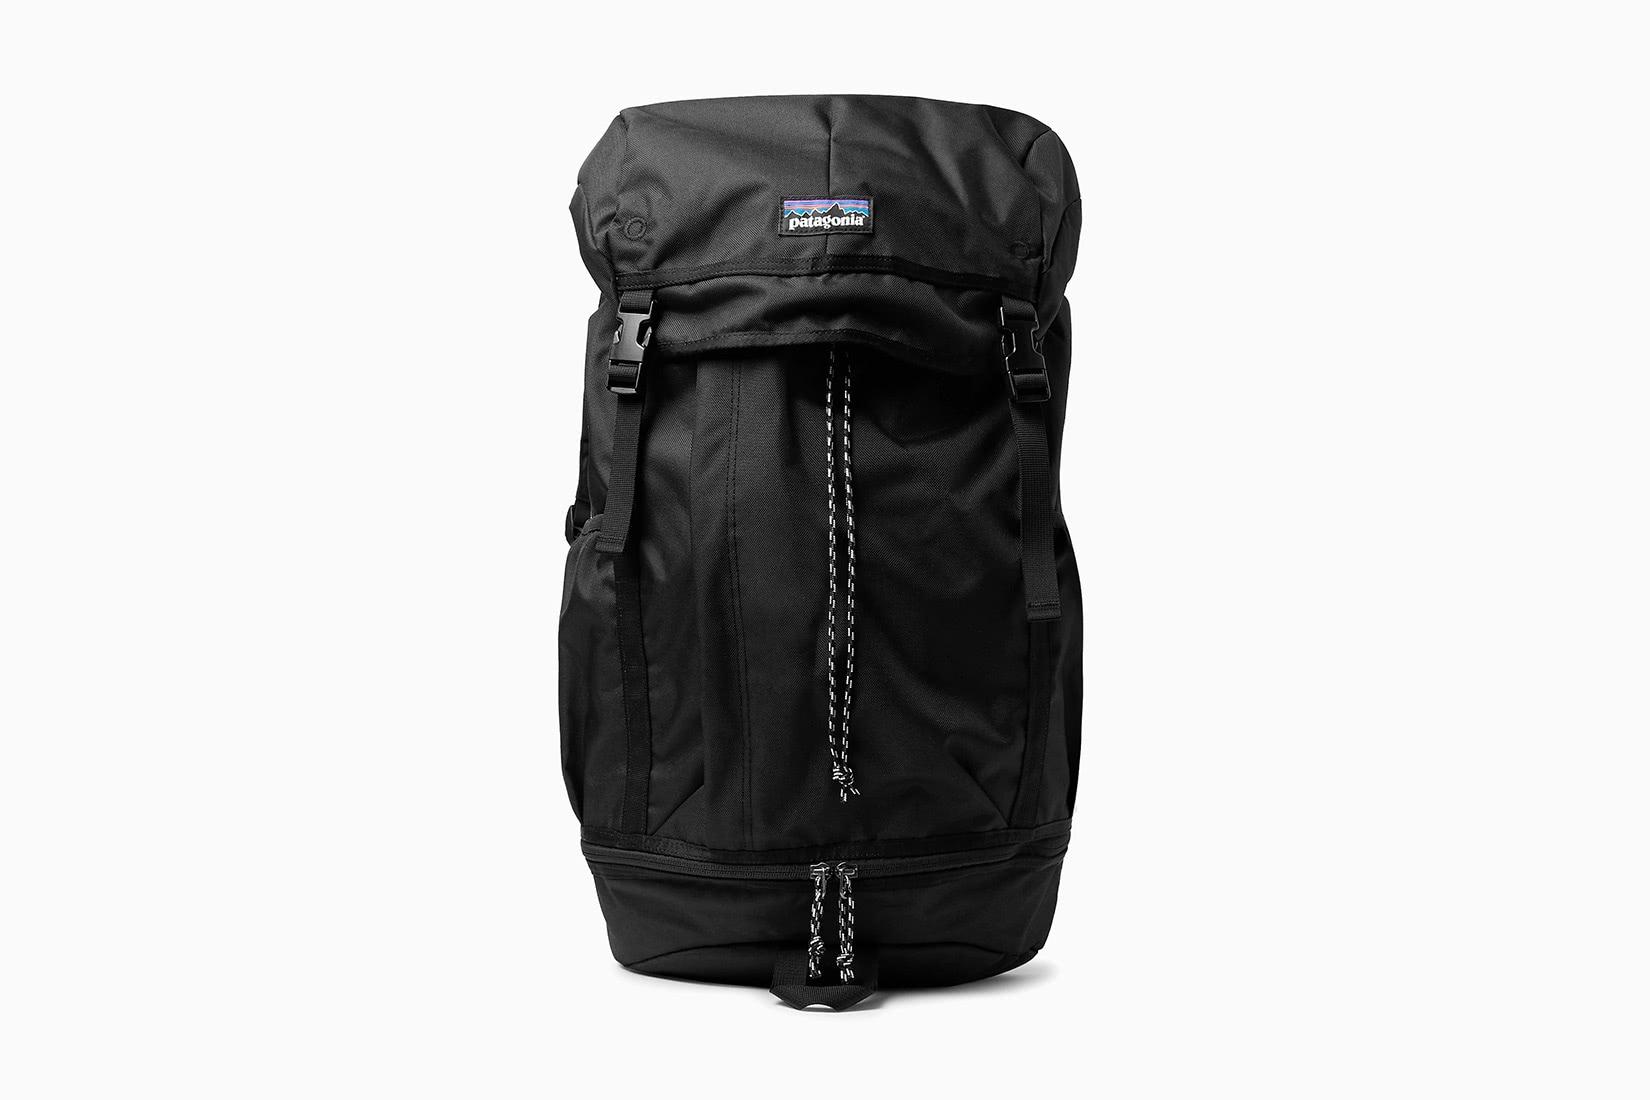 best edc backpack patagonia arbor grande - Luxe Digital